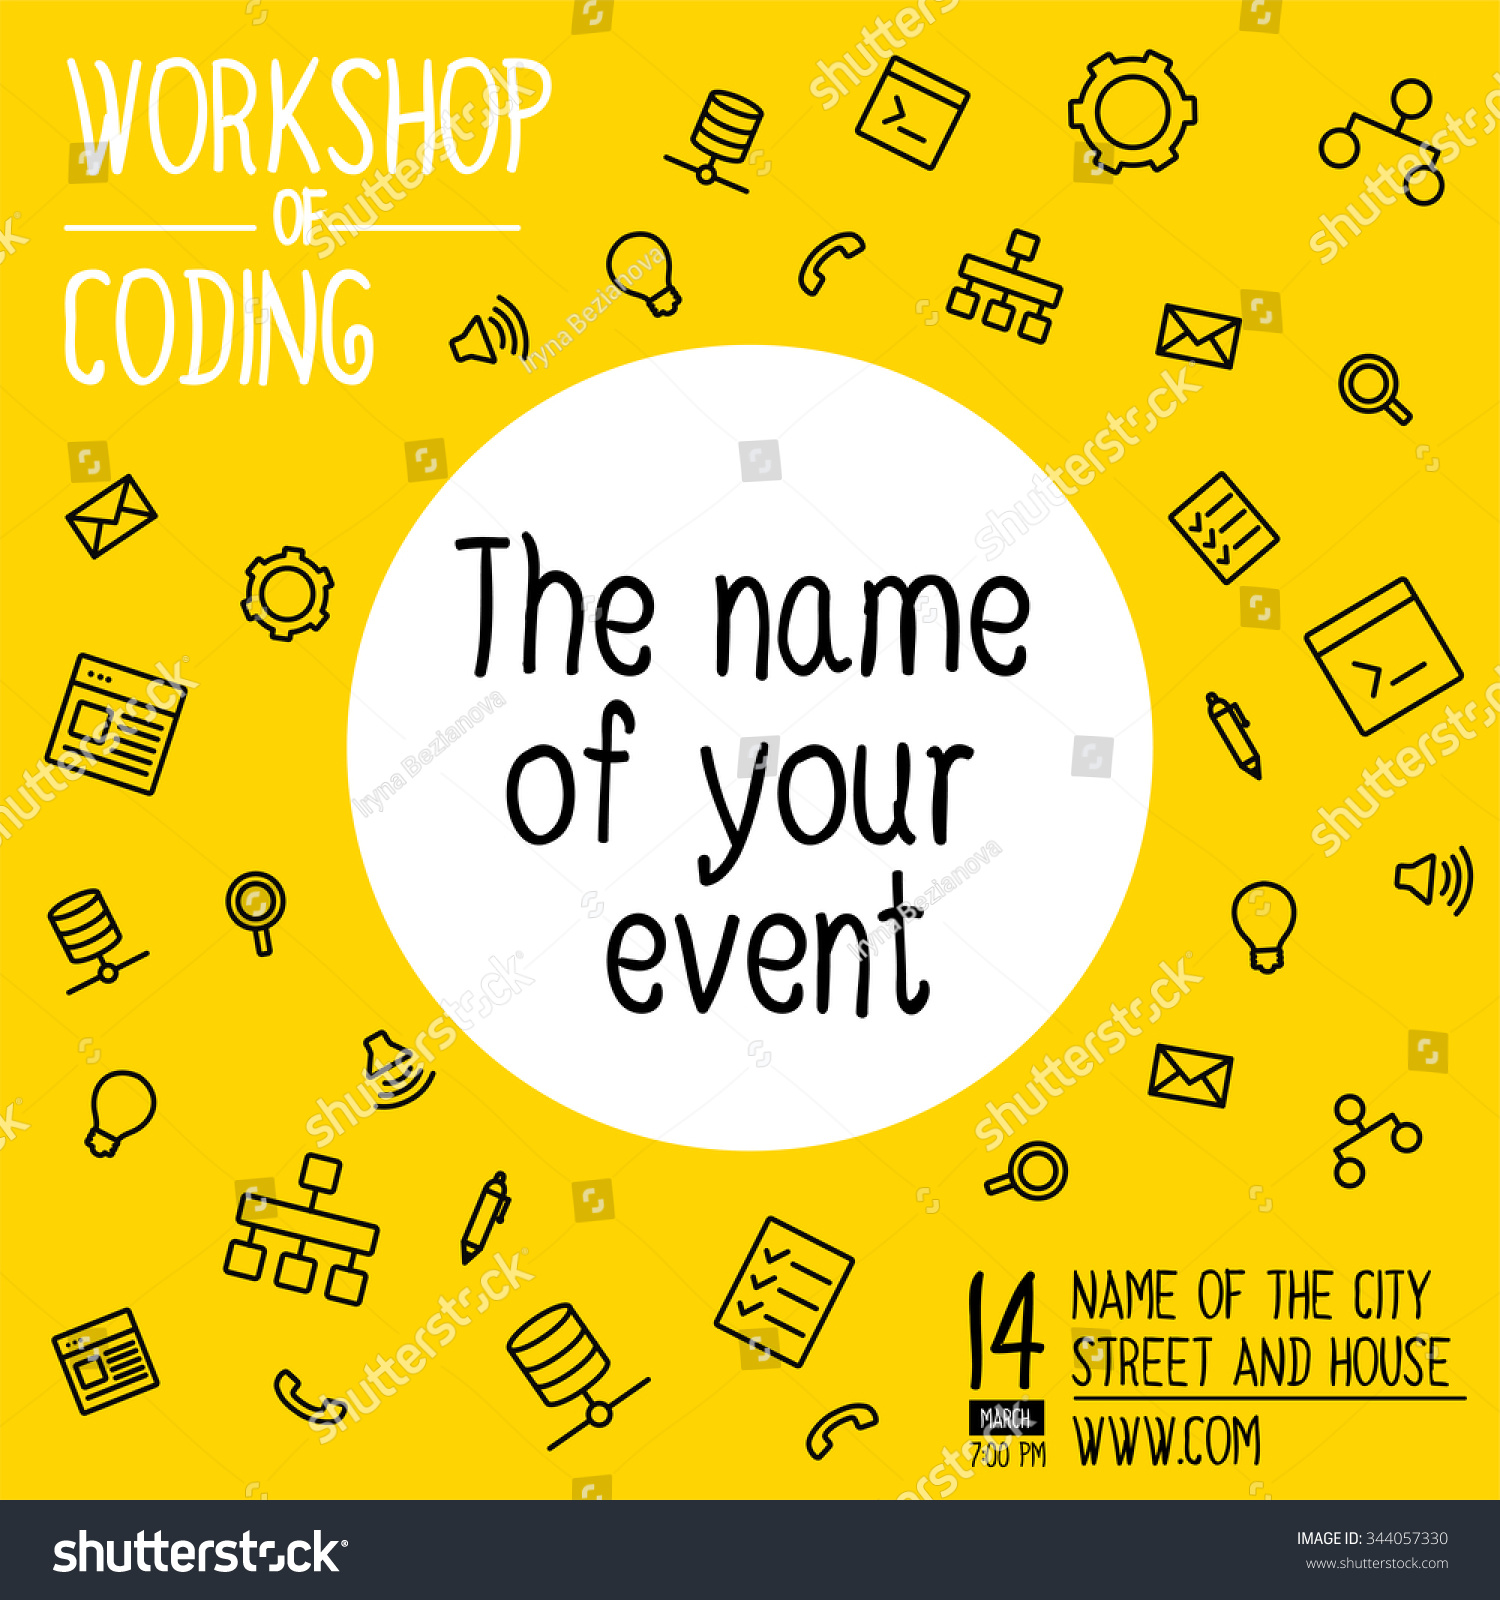 banner invitation hackathon workshop vector banner stock vector 344057330 shutterstock. Black Bedroom Furniture Sets. Home Design Ideas